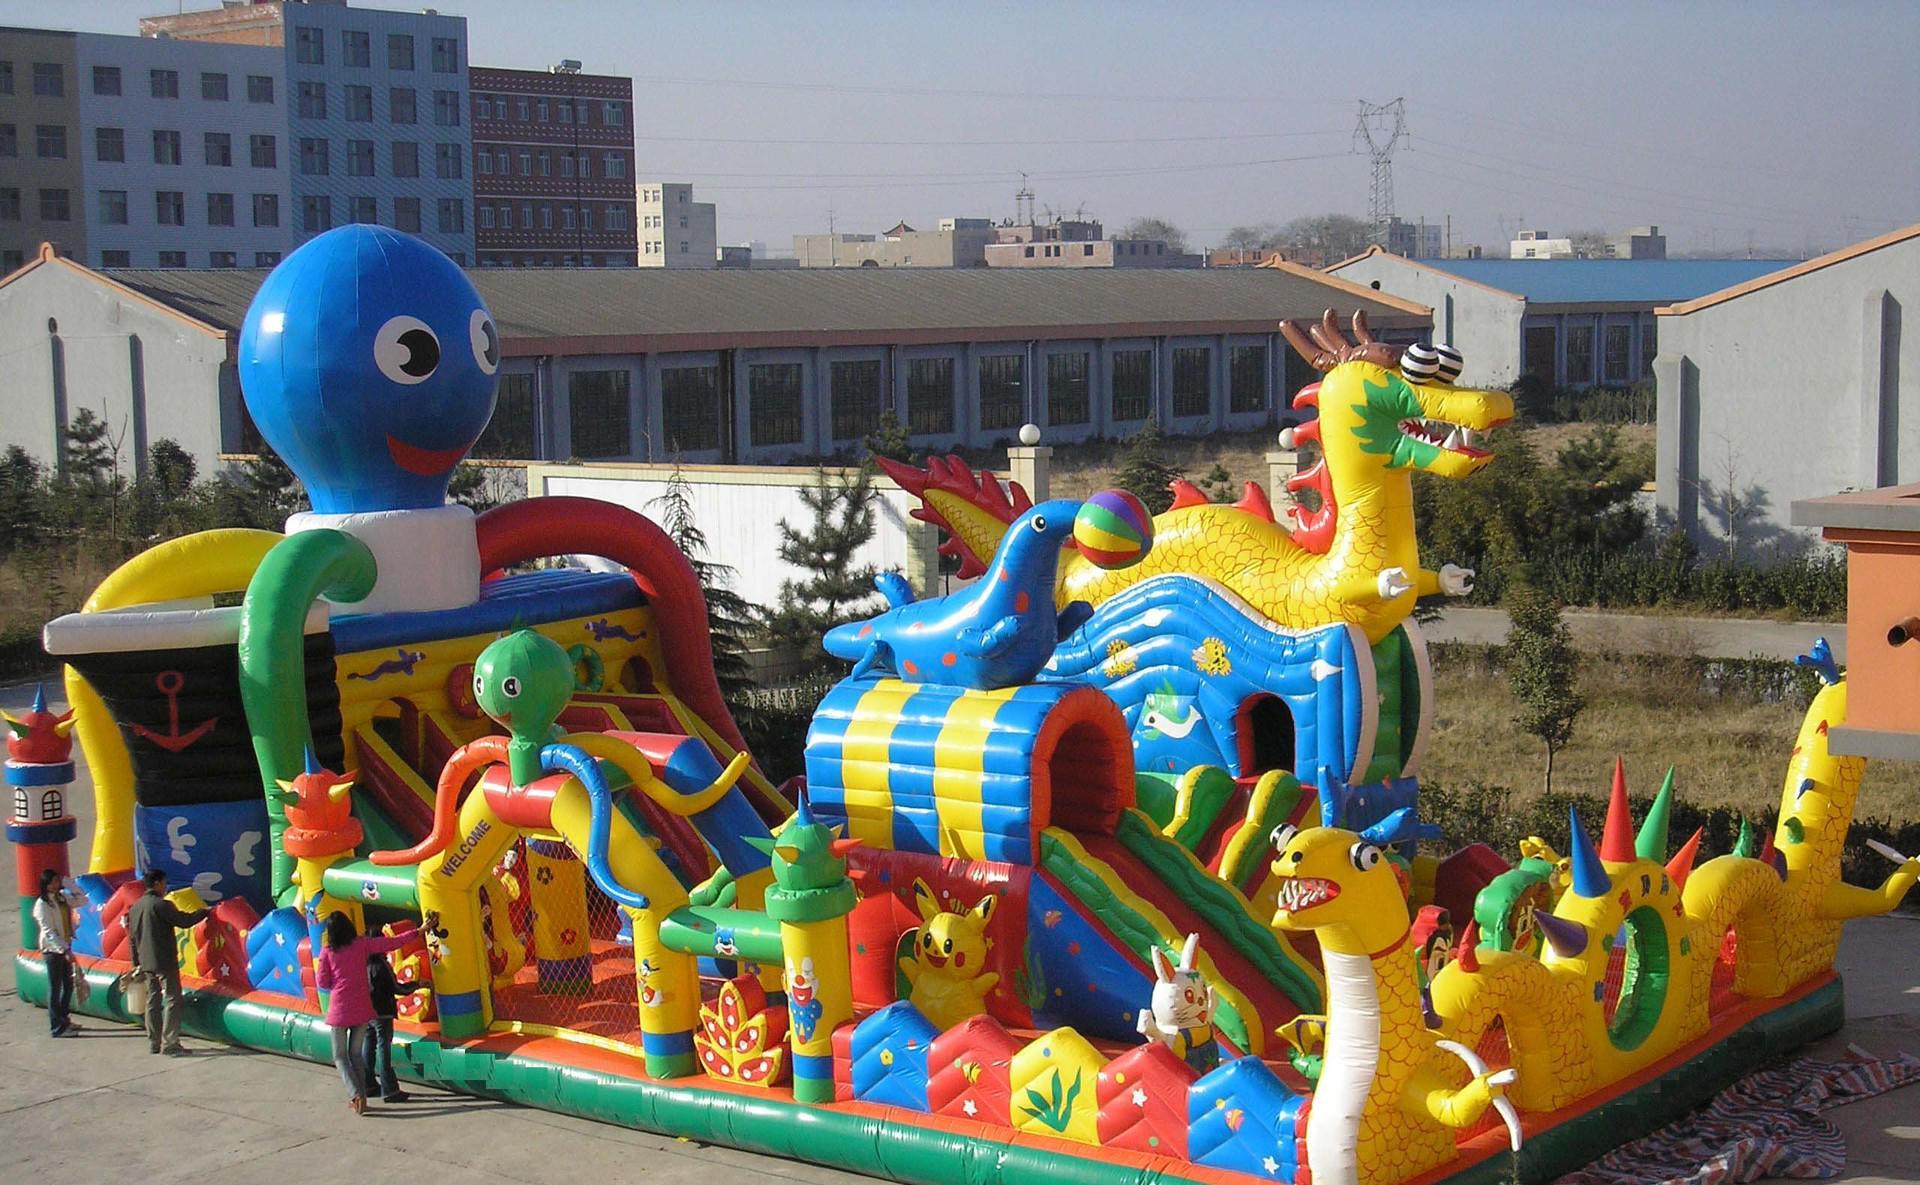 河南安阳现货新款充气城堡厂家限量供应828784252